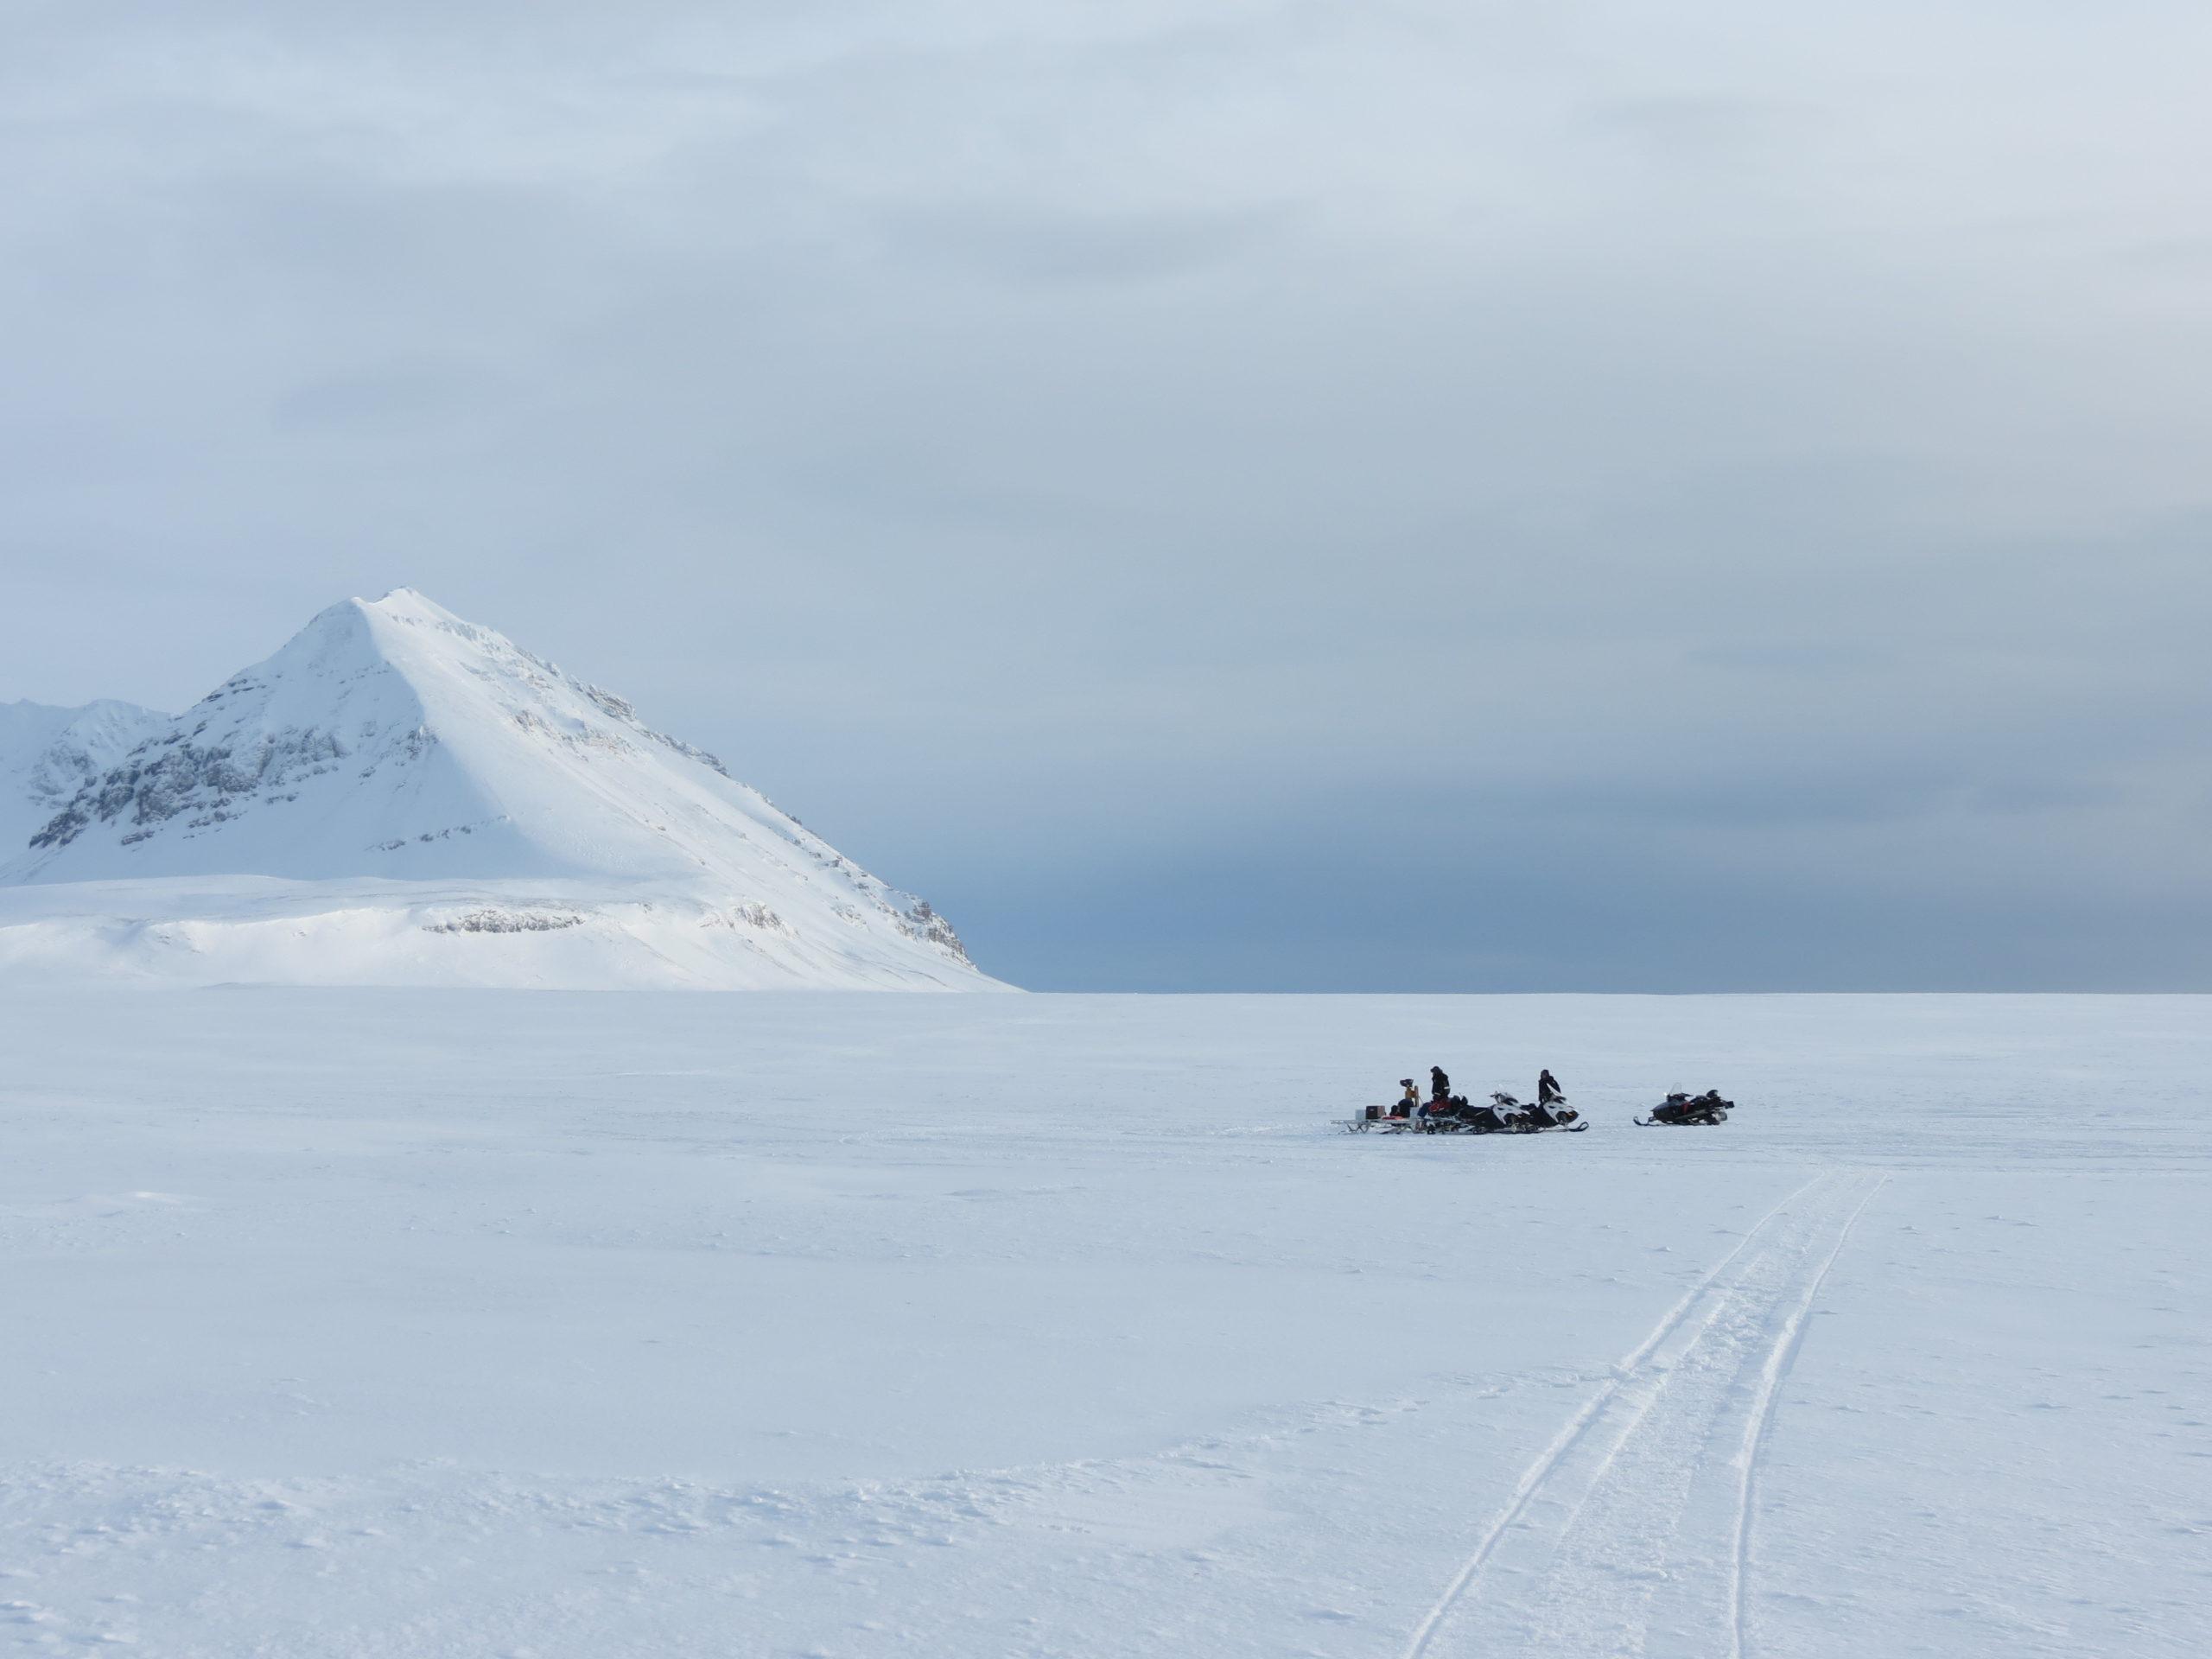 Drilling permafrost in Svalbard